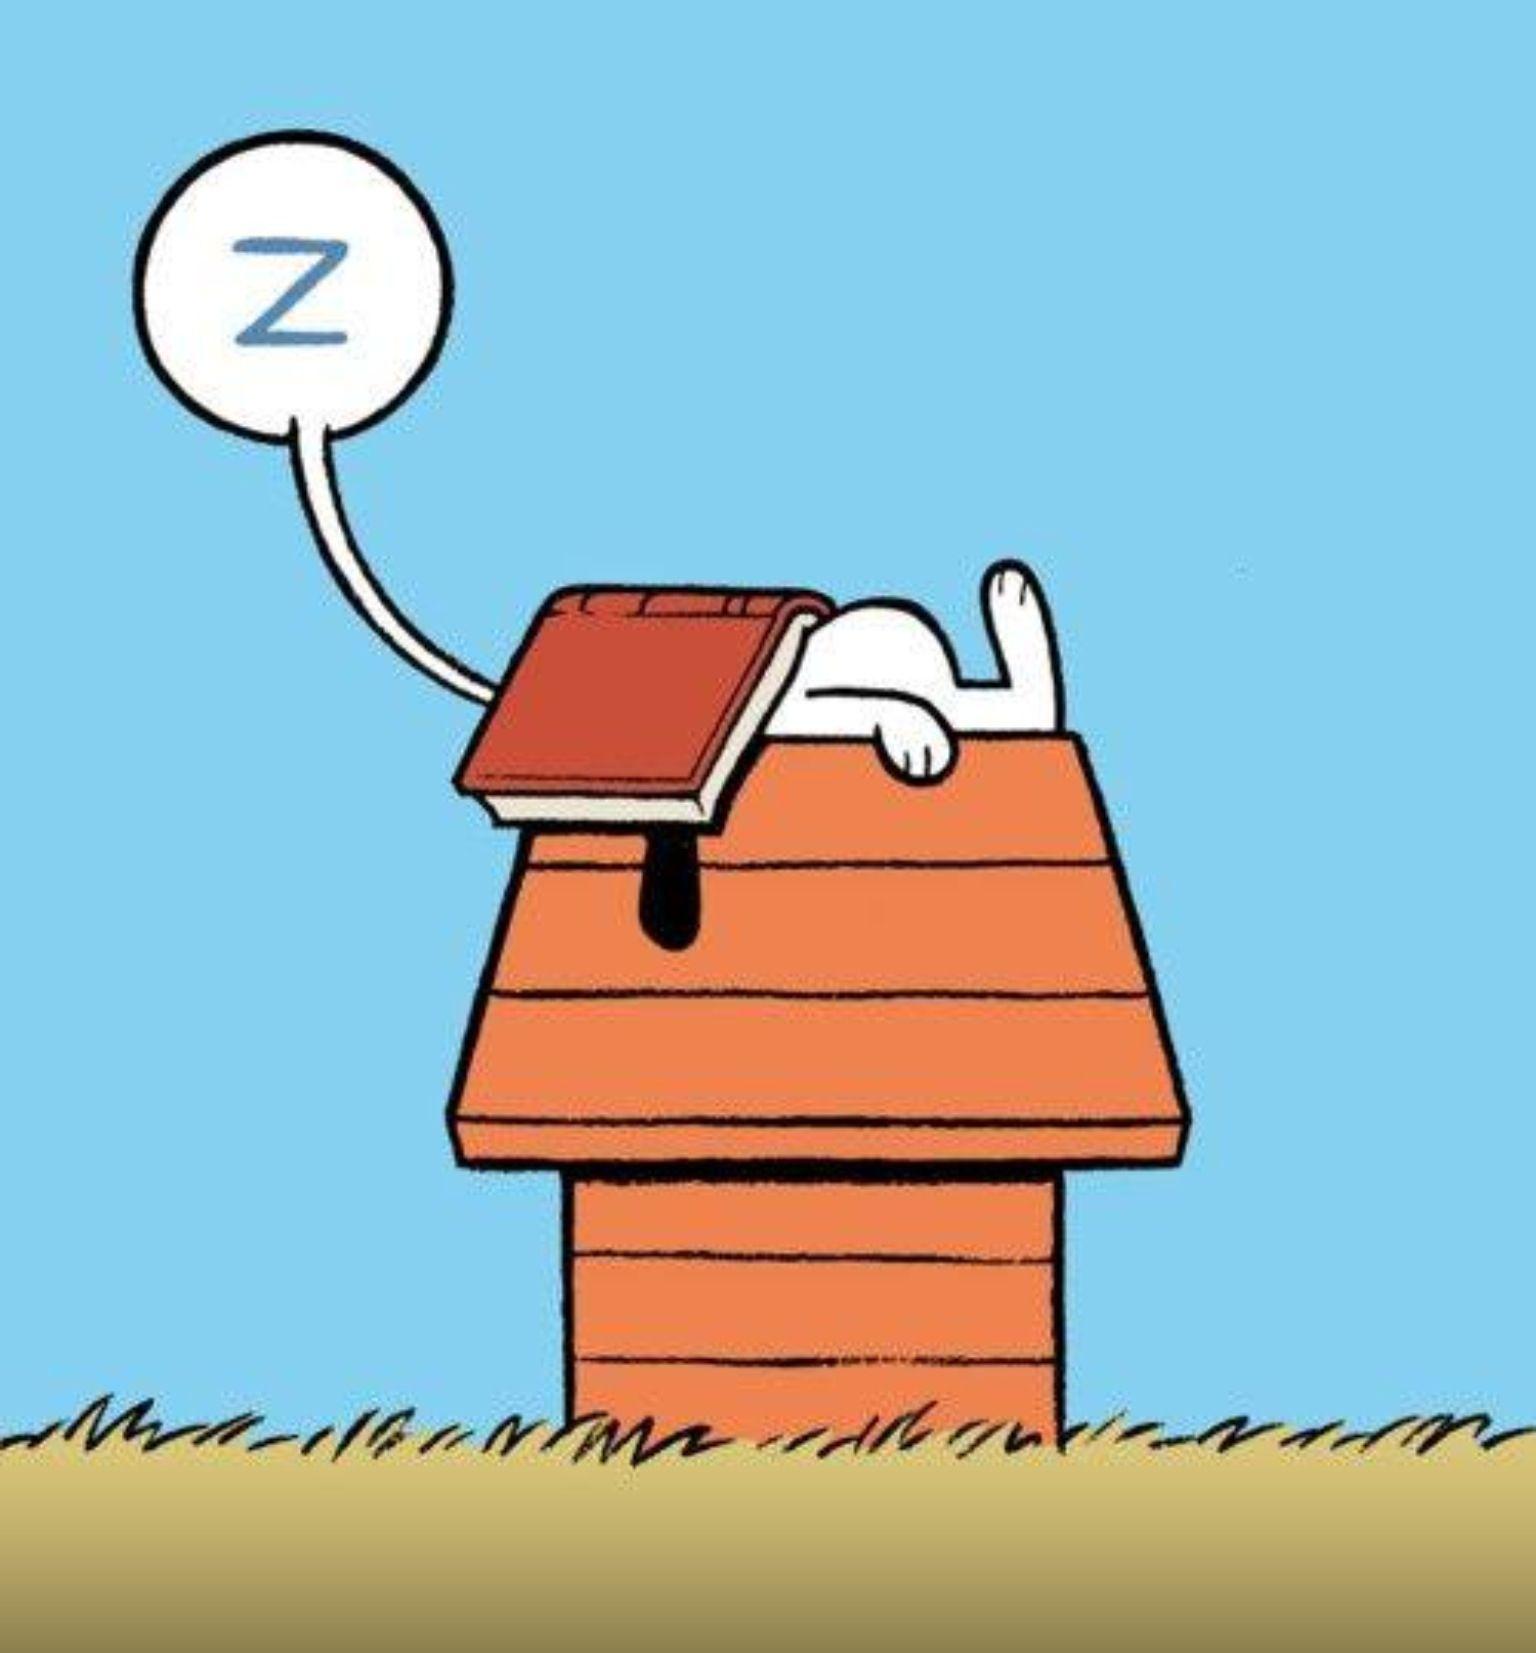 Pin De Luana Em Humor Snoopy Love Charlie Brown Snoopy E Snoopy